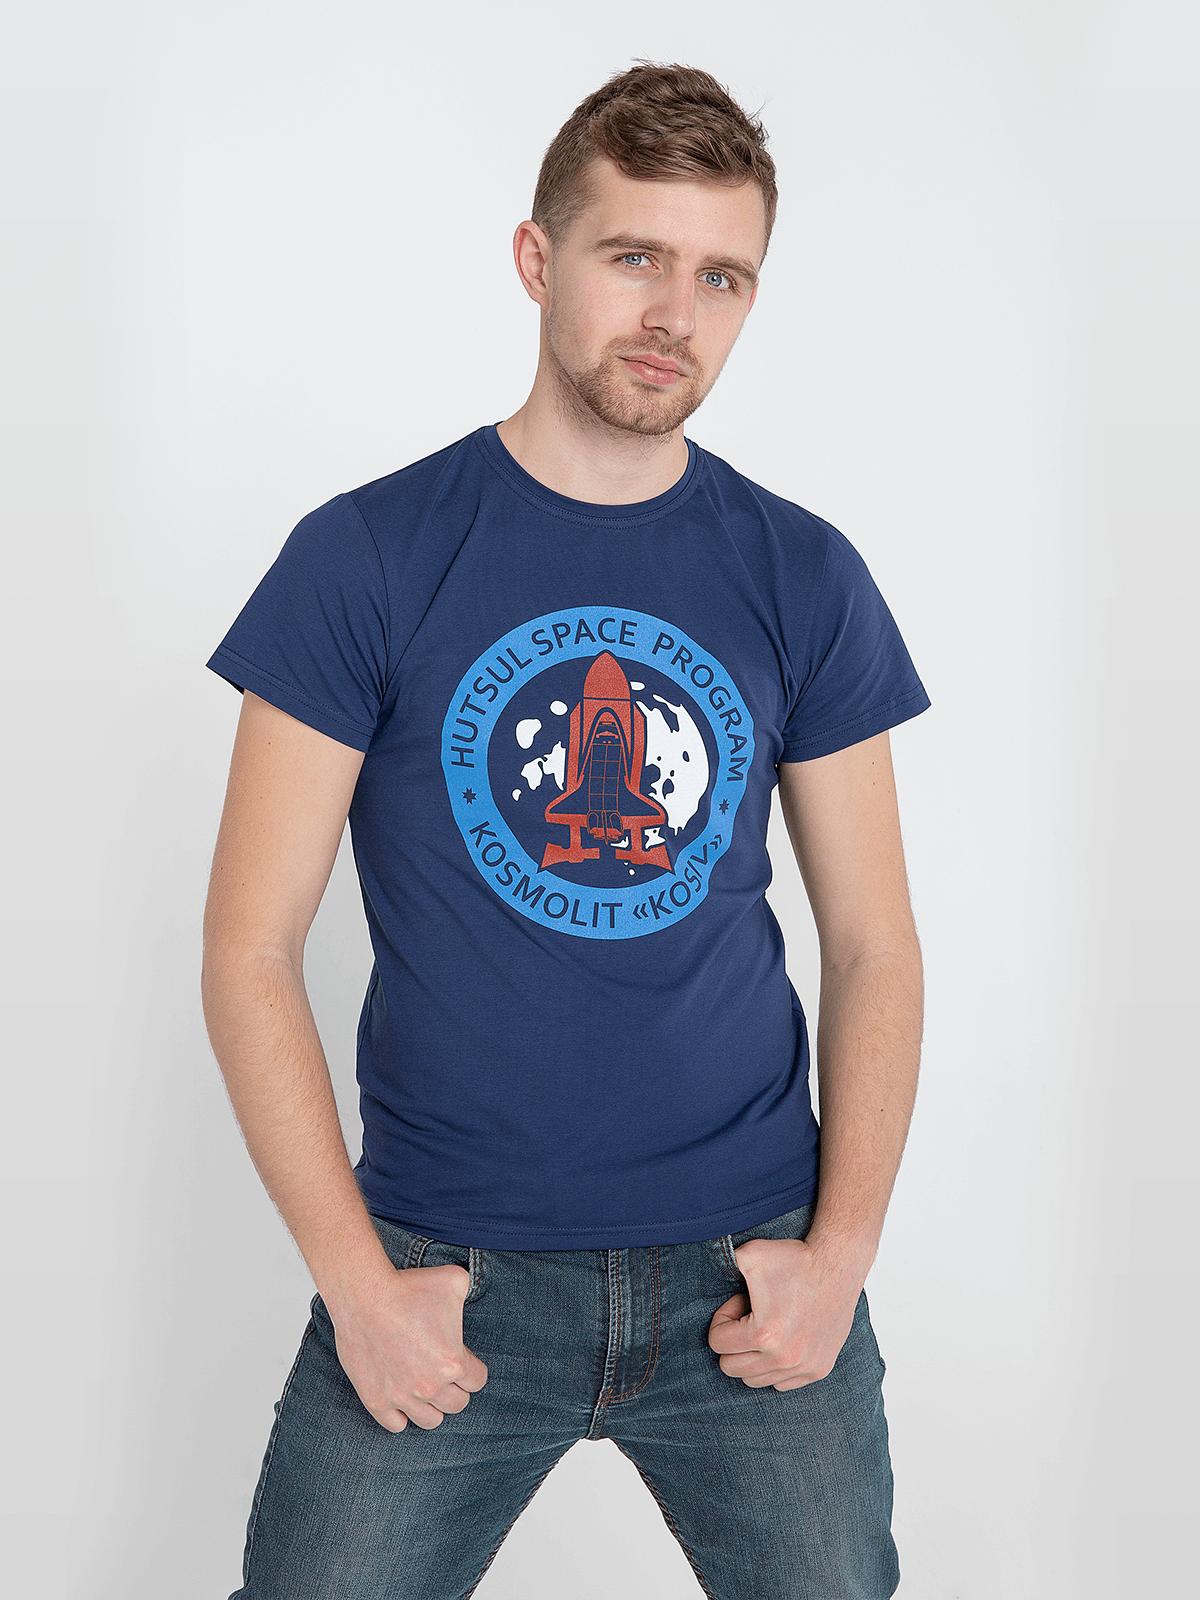 Чоловіча Футболка Kosmolit Kosiv. Колір темно-синій. Футболка унісекс (розміри чоловічі).